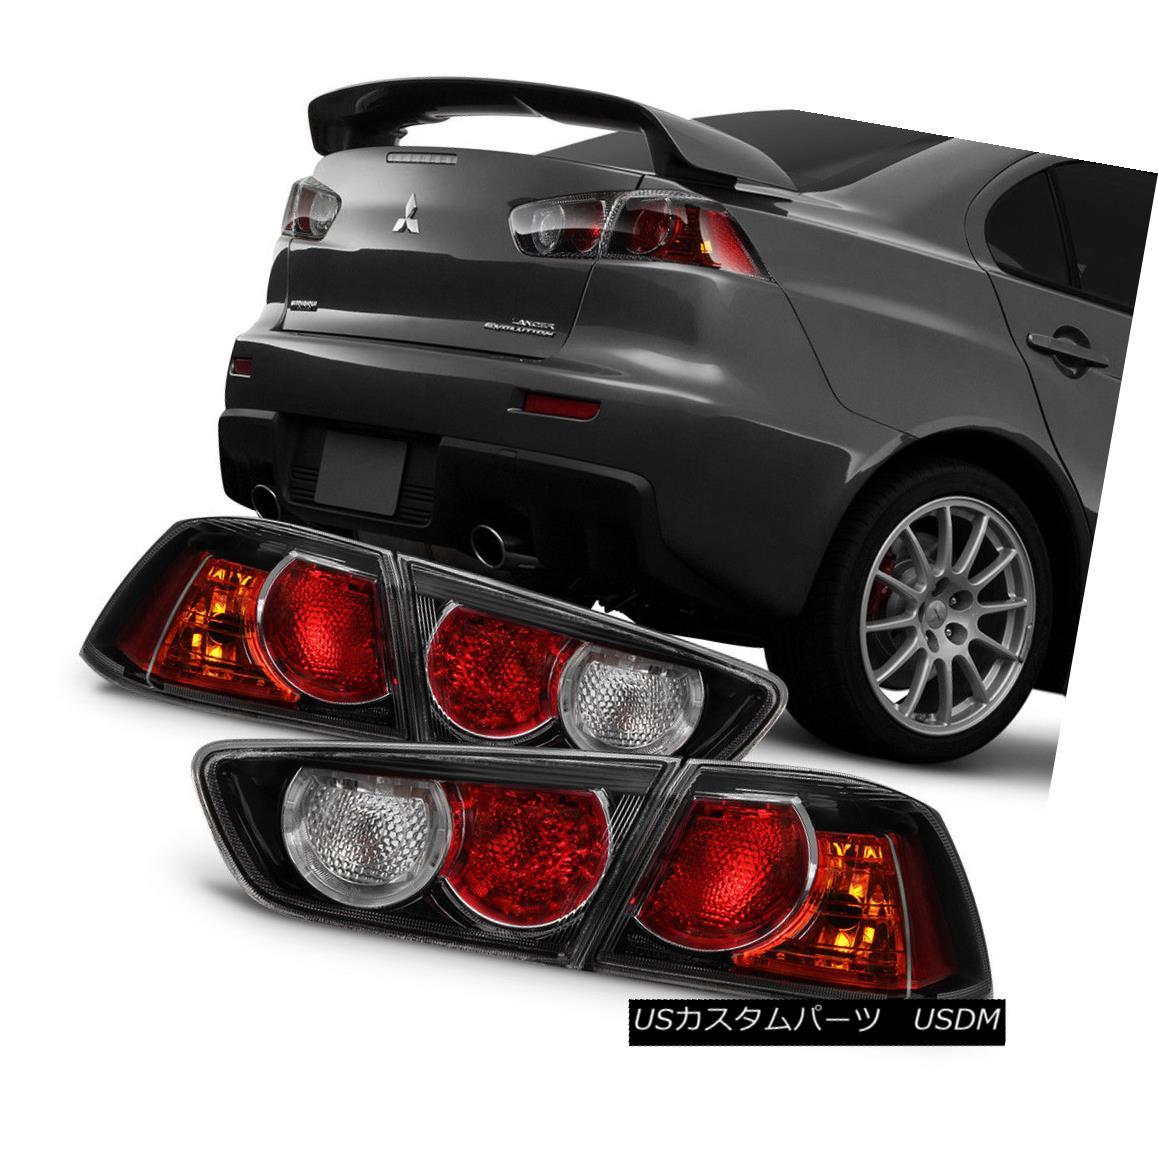 テールライト Black X 2008-2017 Lancer Black 08-15 Evolution EVO Lights X Tail Lights Brake Lamps Left+Right ブラック2008-2017ランサー08-15エボリューションXテールライトブレーキランプ左+右, ウダグン:dea36bfd --- officewill.xsrv.jp